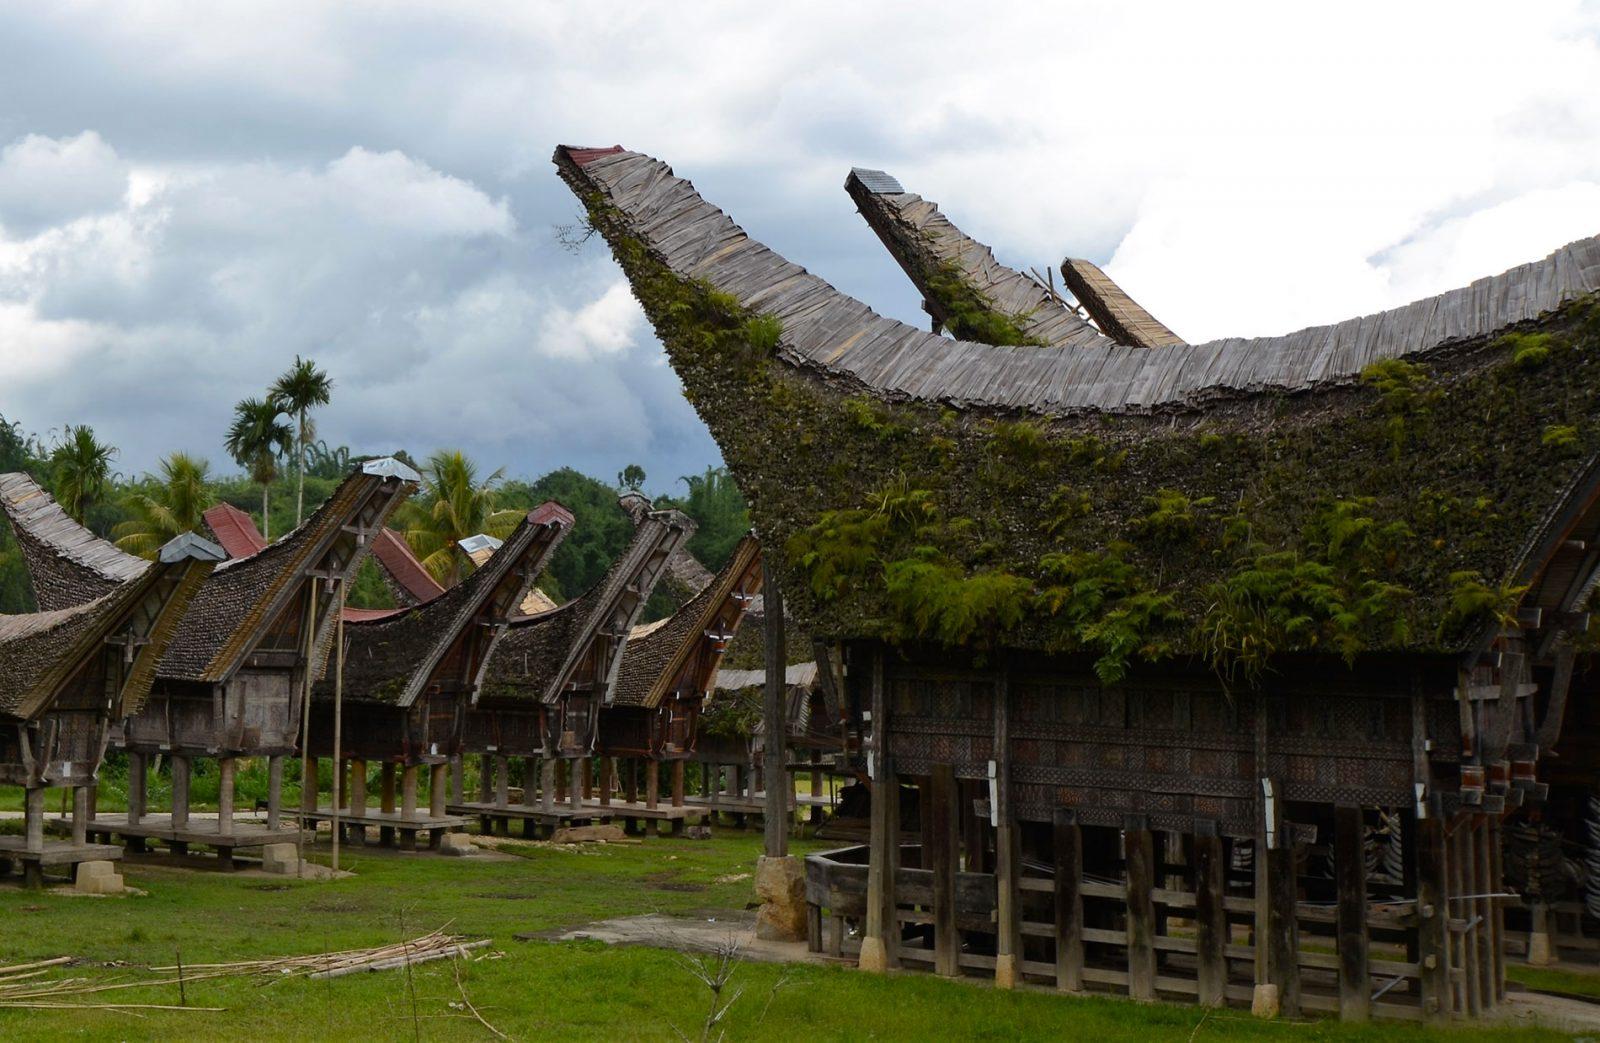 【スラウェシ島】トラジャ族、生死の宇宙観を肌で感じ、幻の珈琲を求め5日間の旅